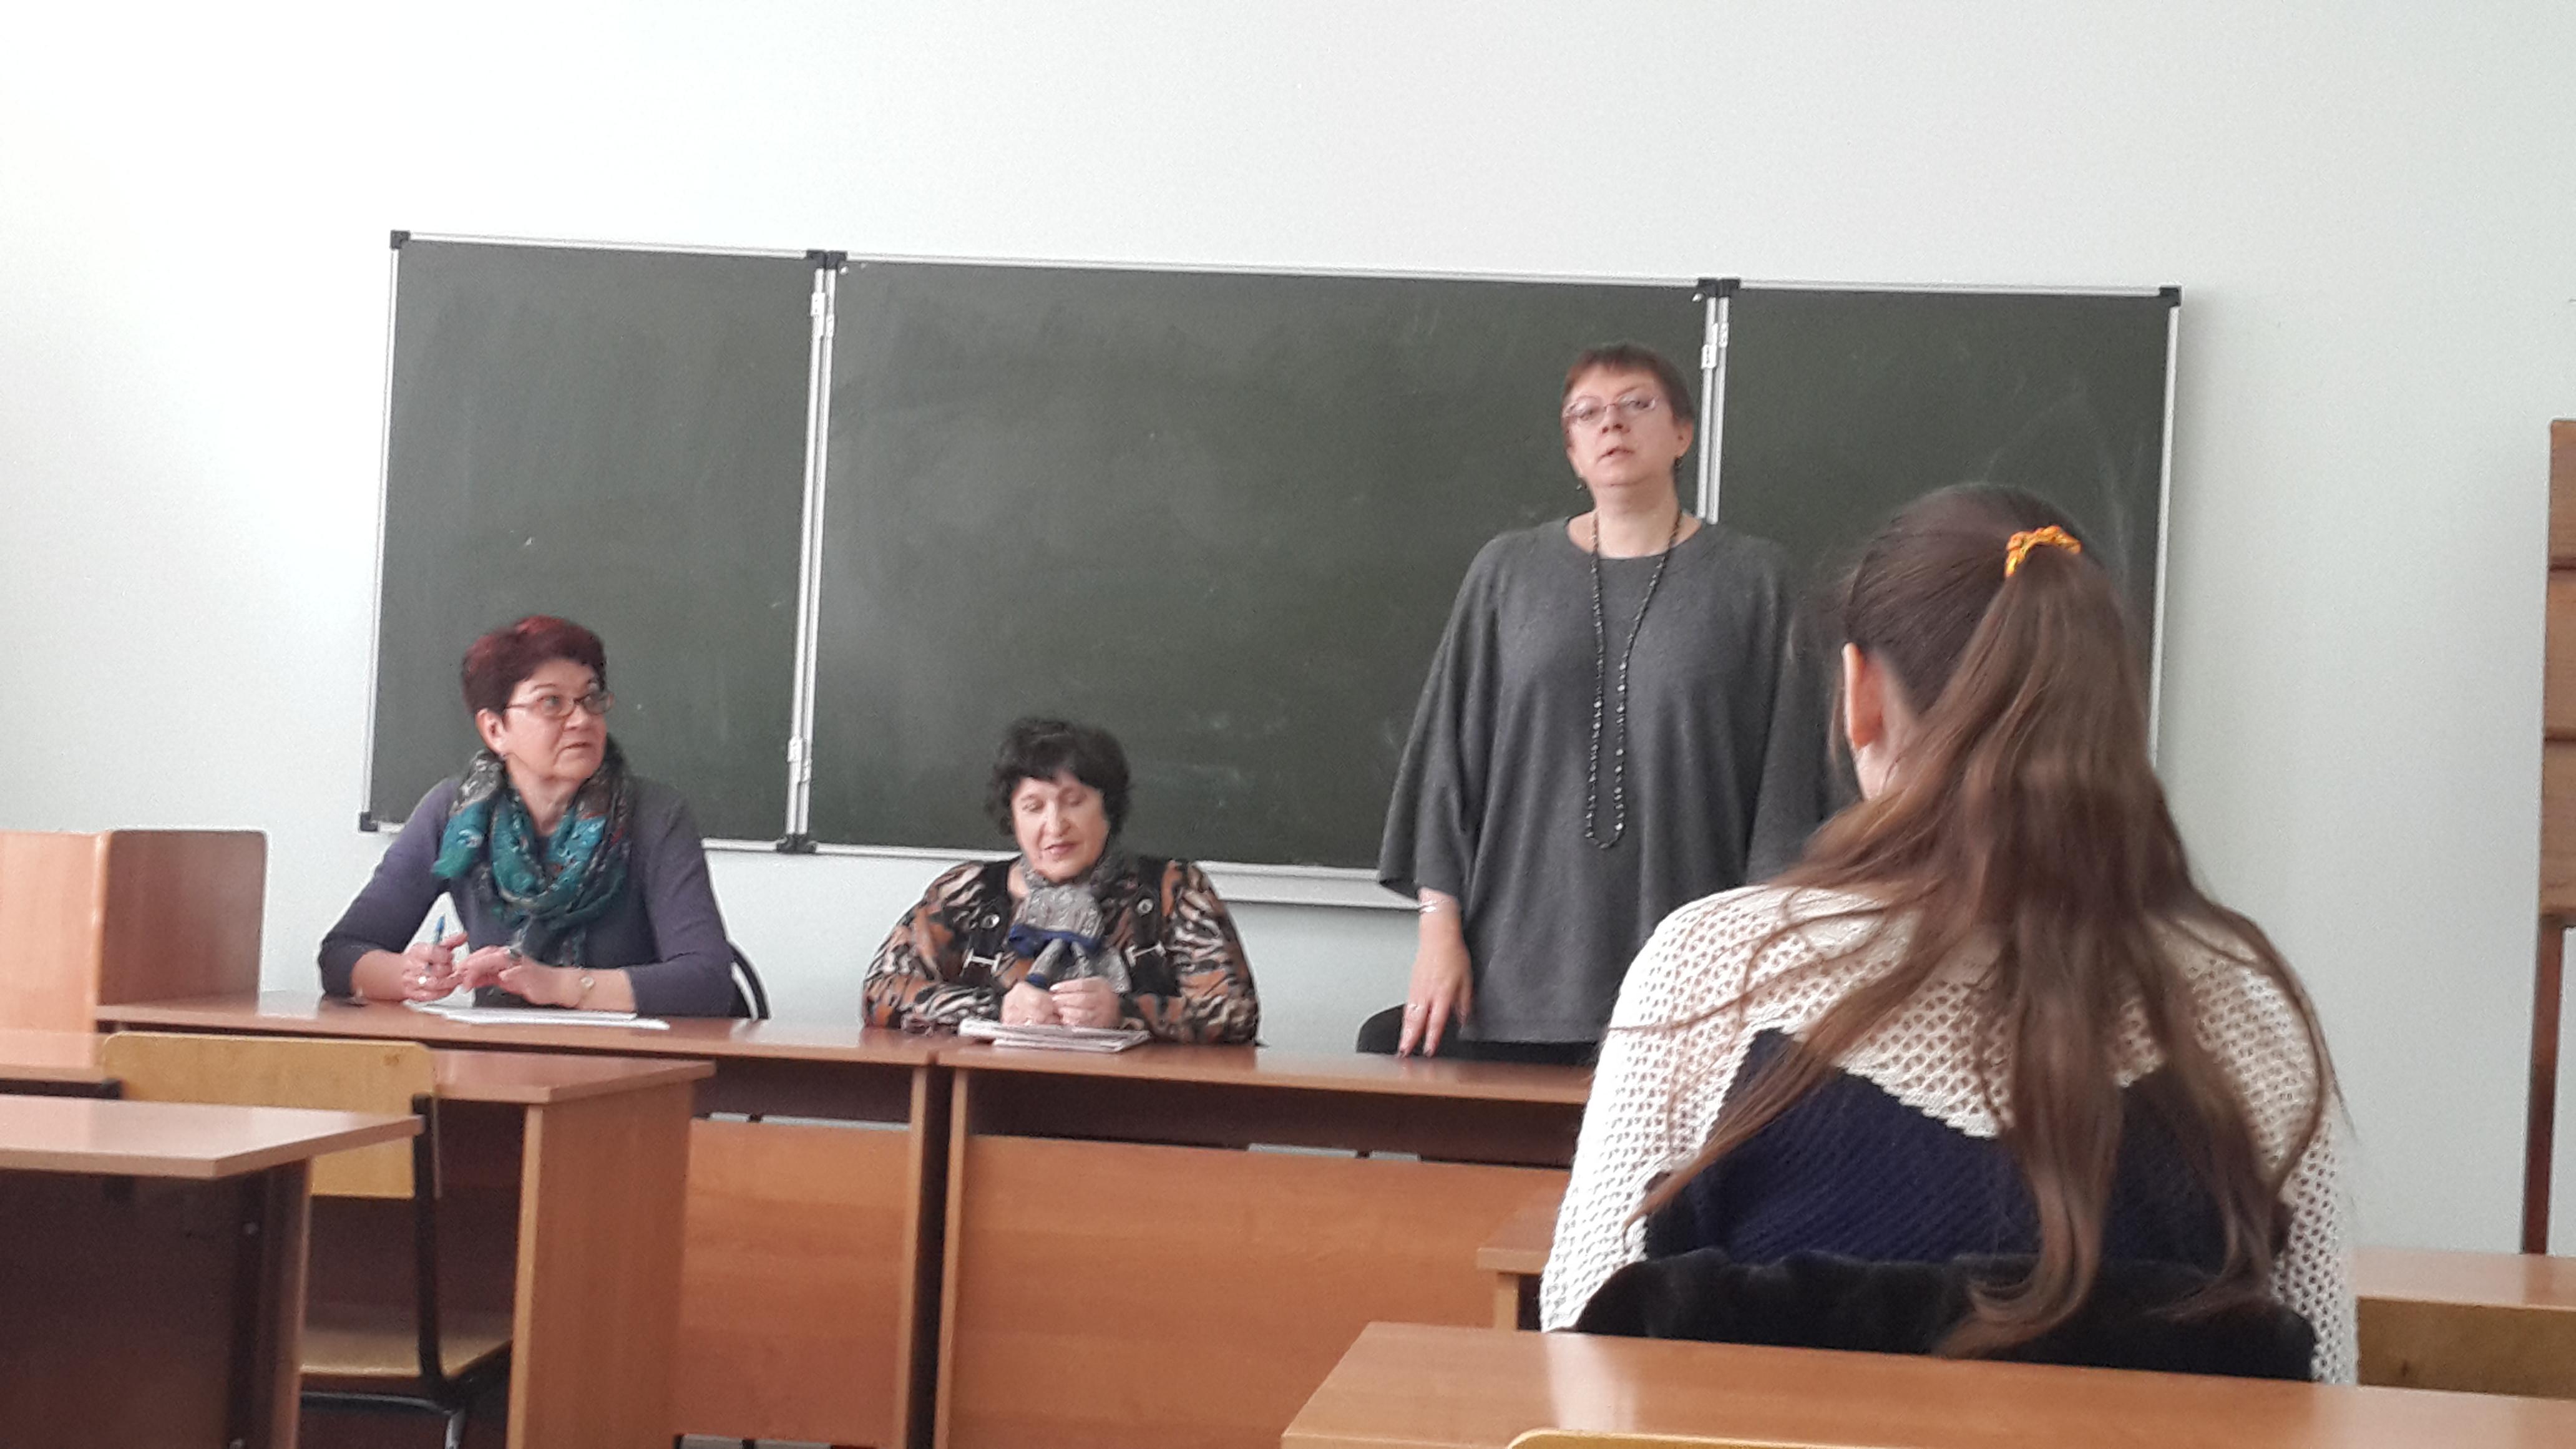 09122016 в ужт успешно прошла ii всероссийская научно-практическая конференция студентов социальные реалии